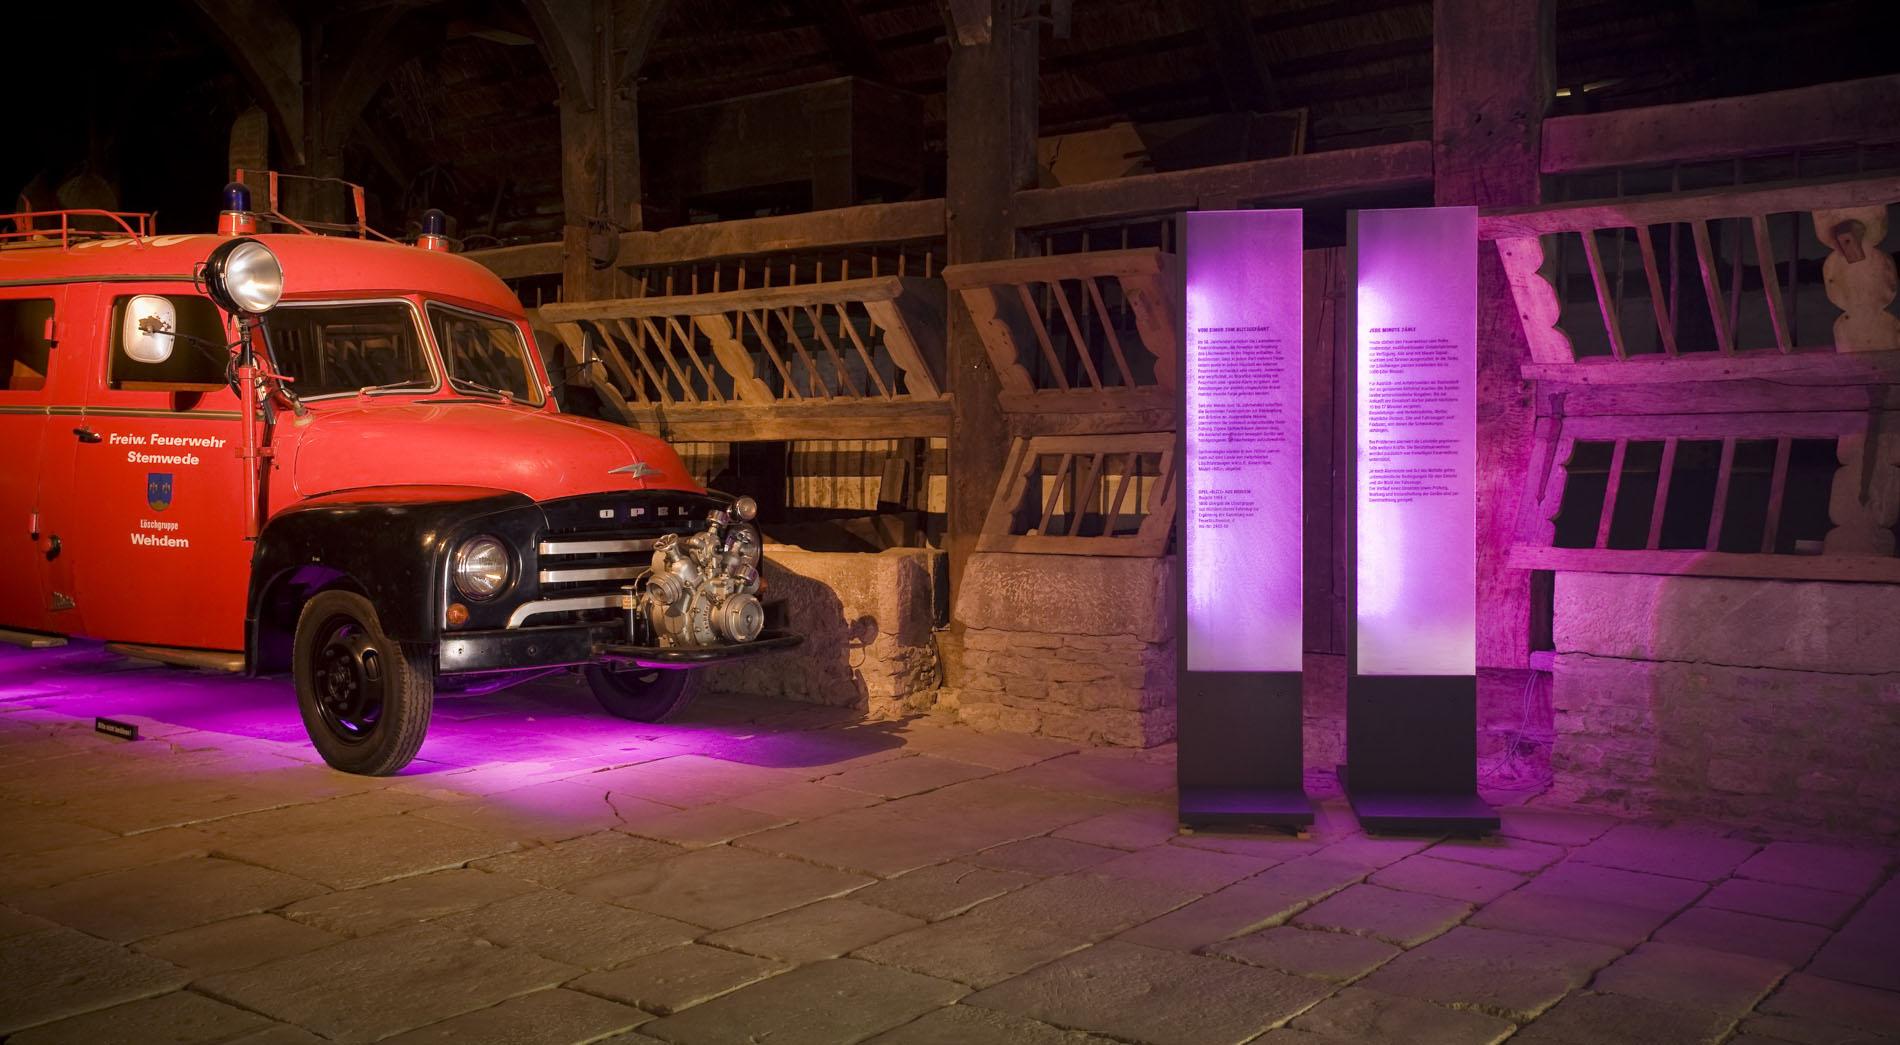 Infostation Rettung der Jahresausstellung 2008 des Freilichtmuseum Detmold